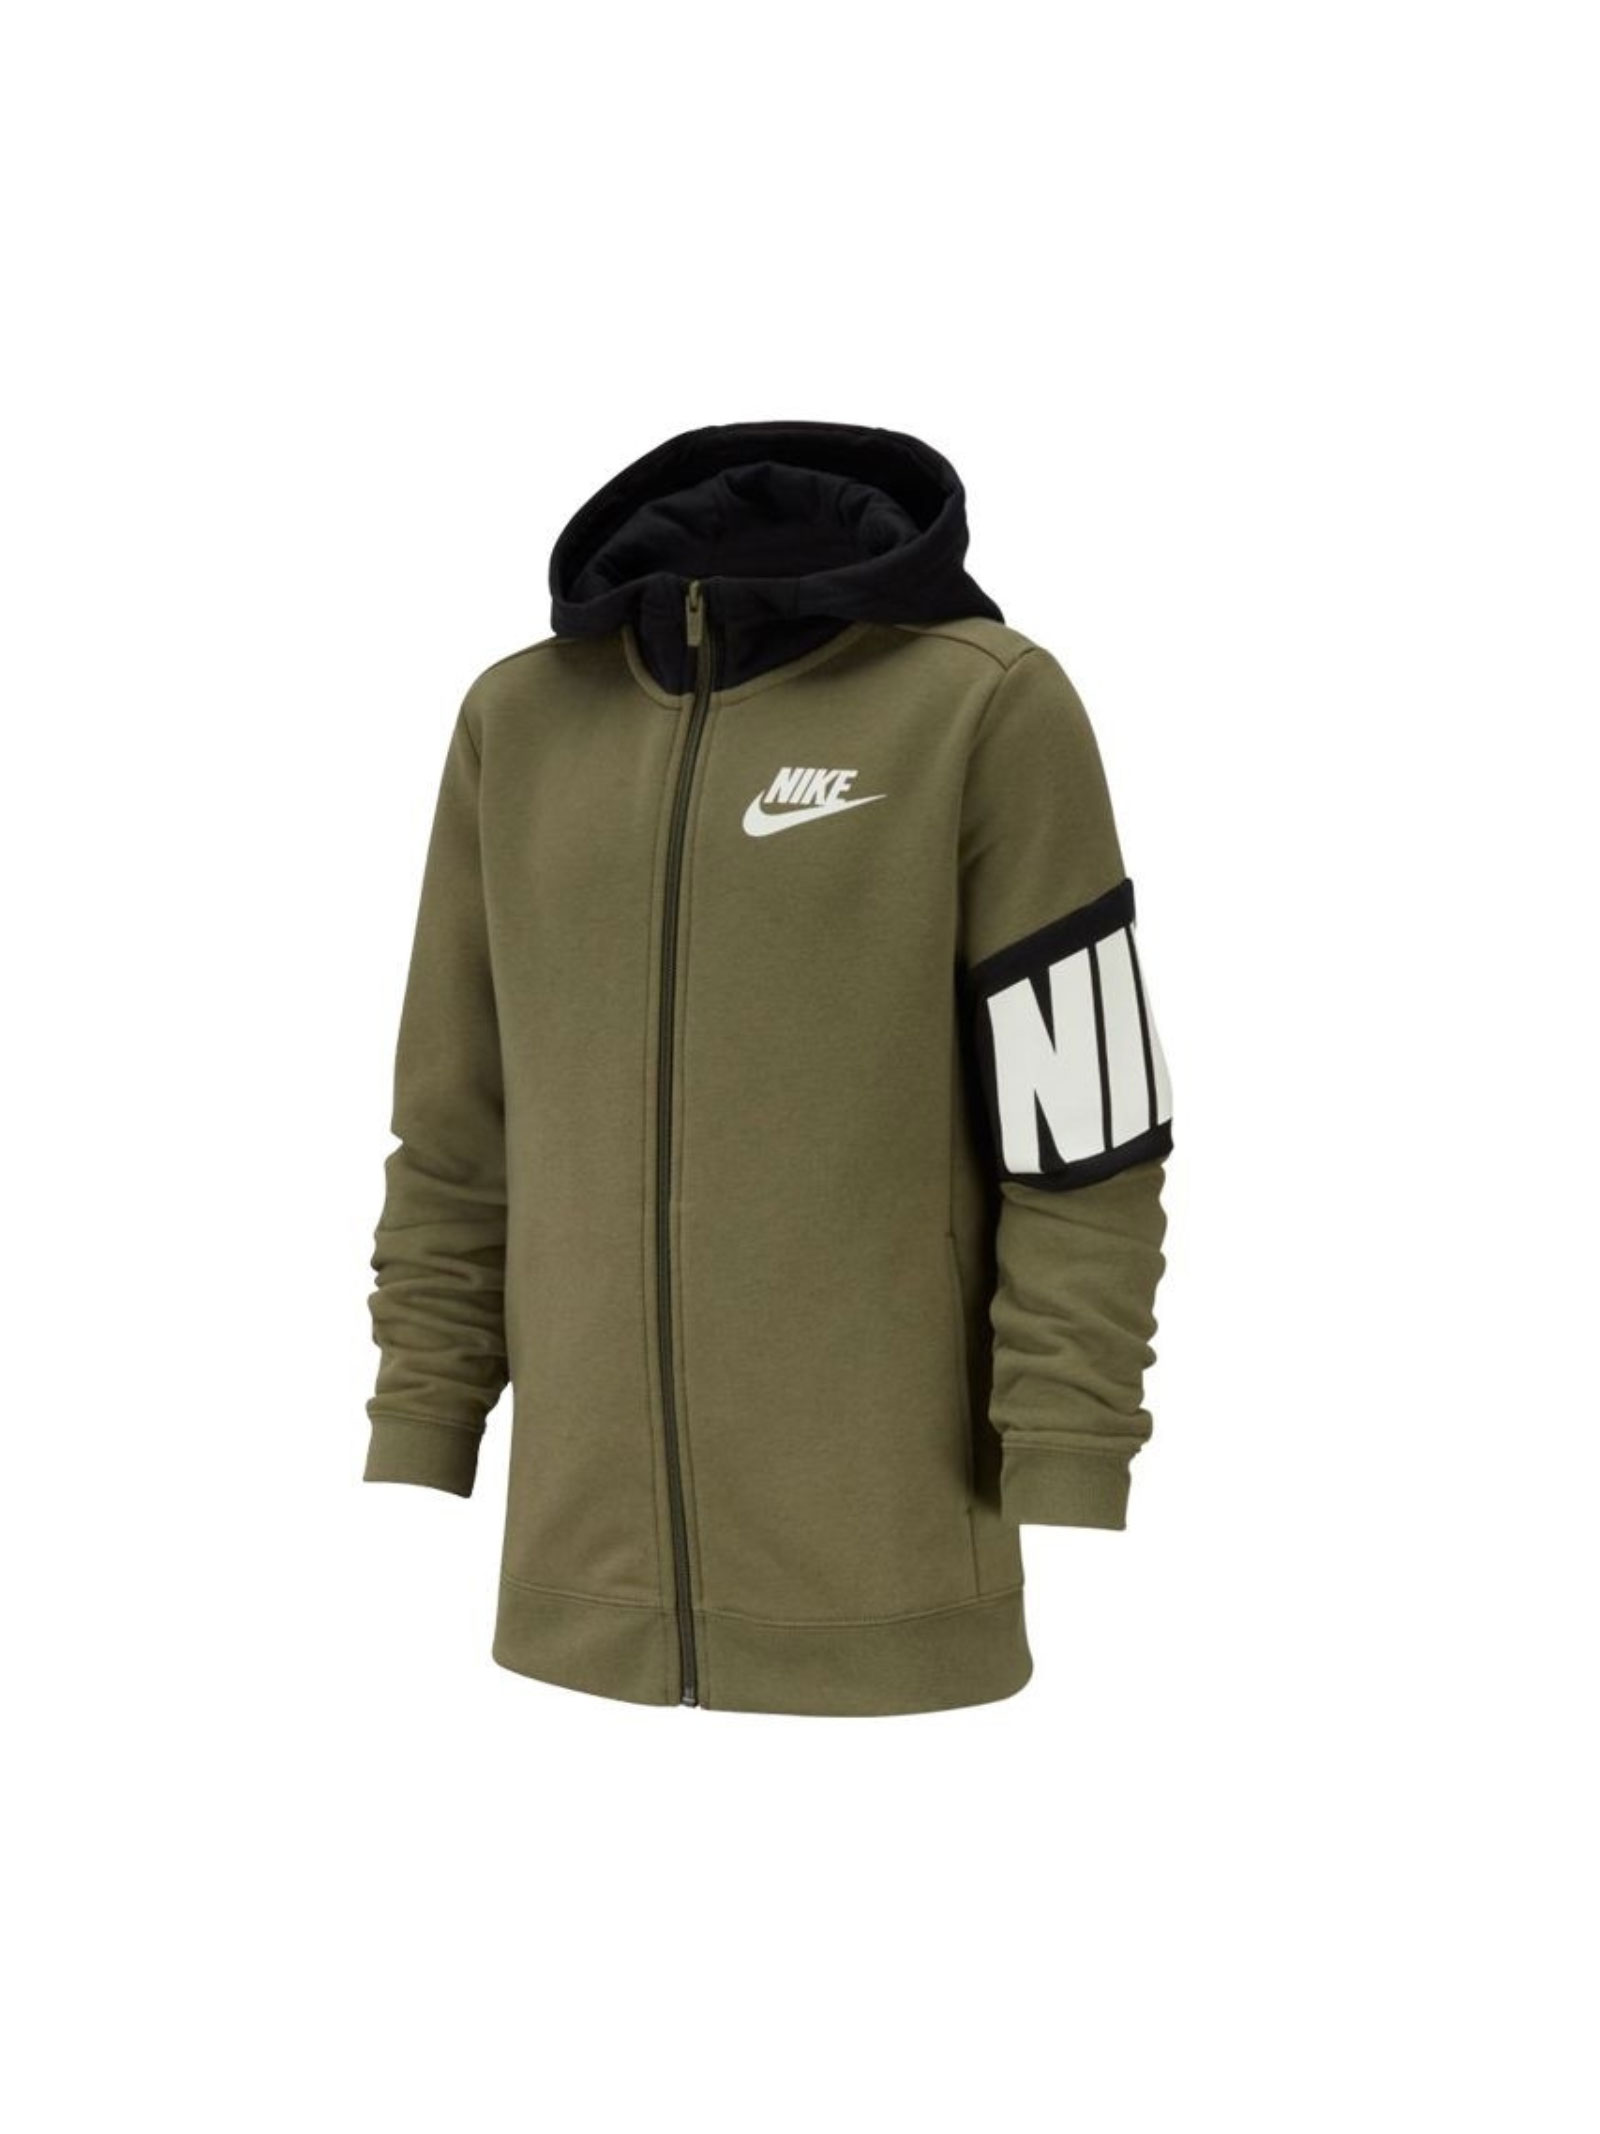 NIKE   Sweatshirts   BV3649-222